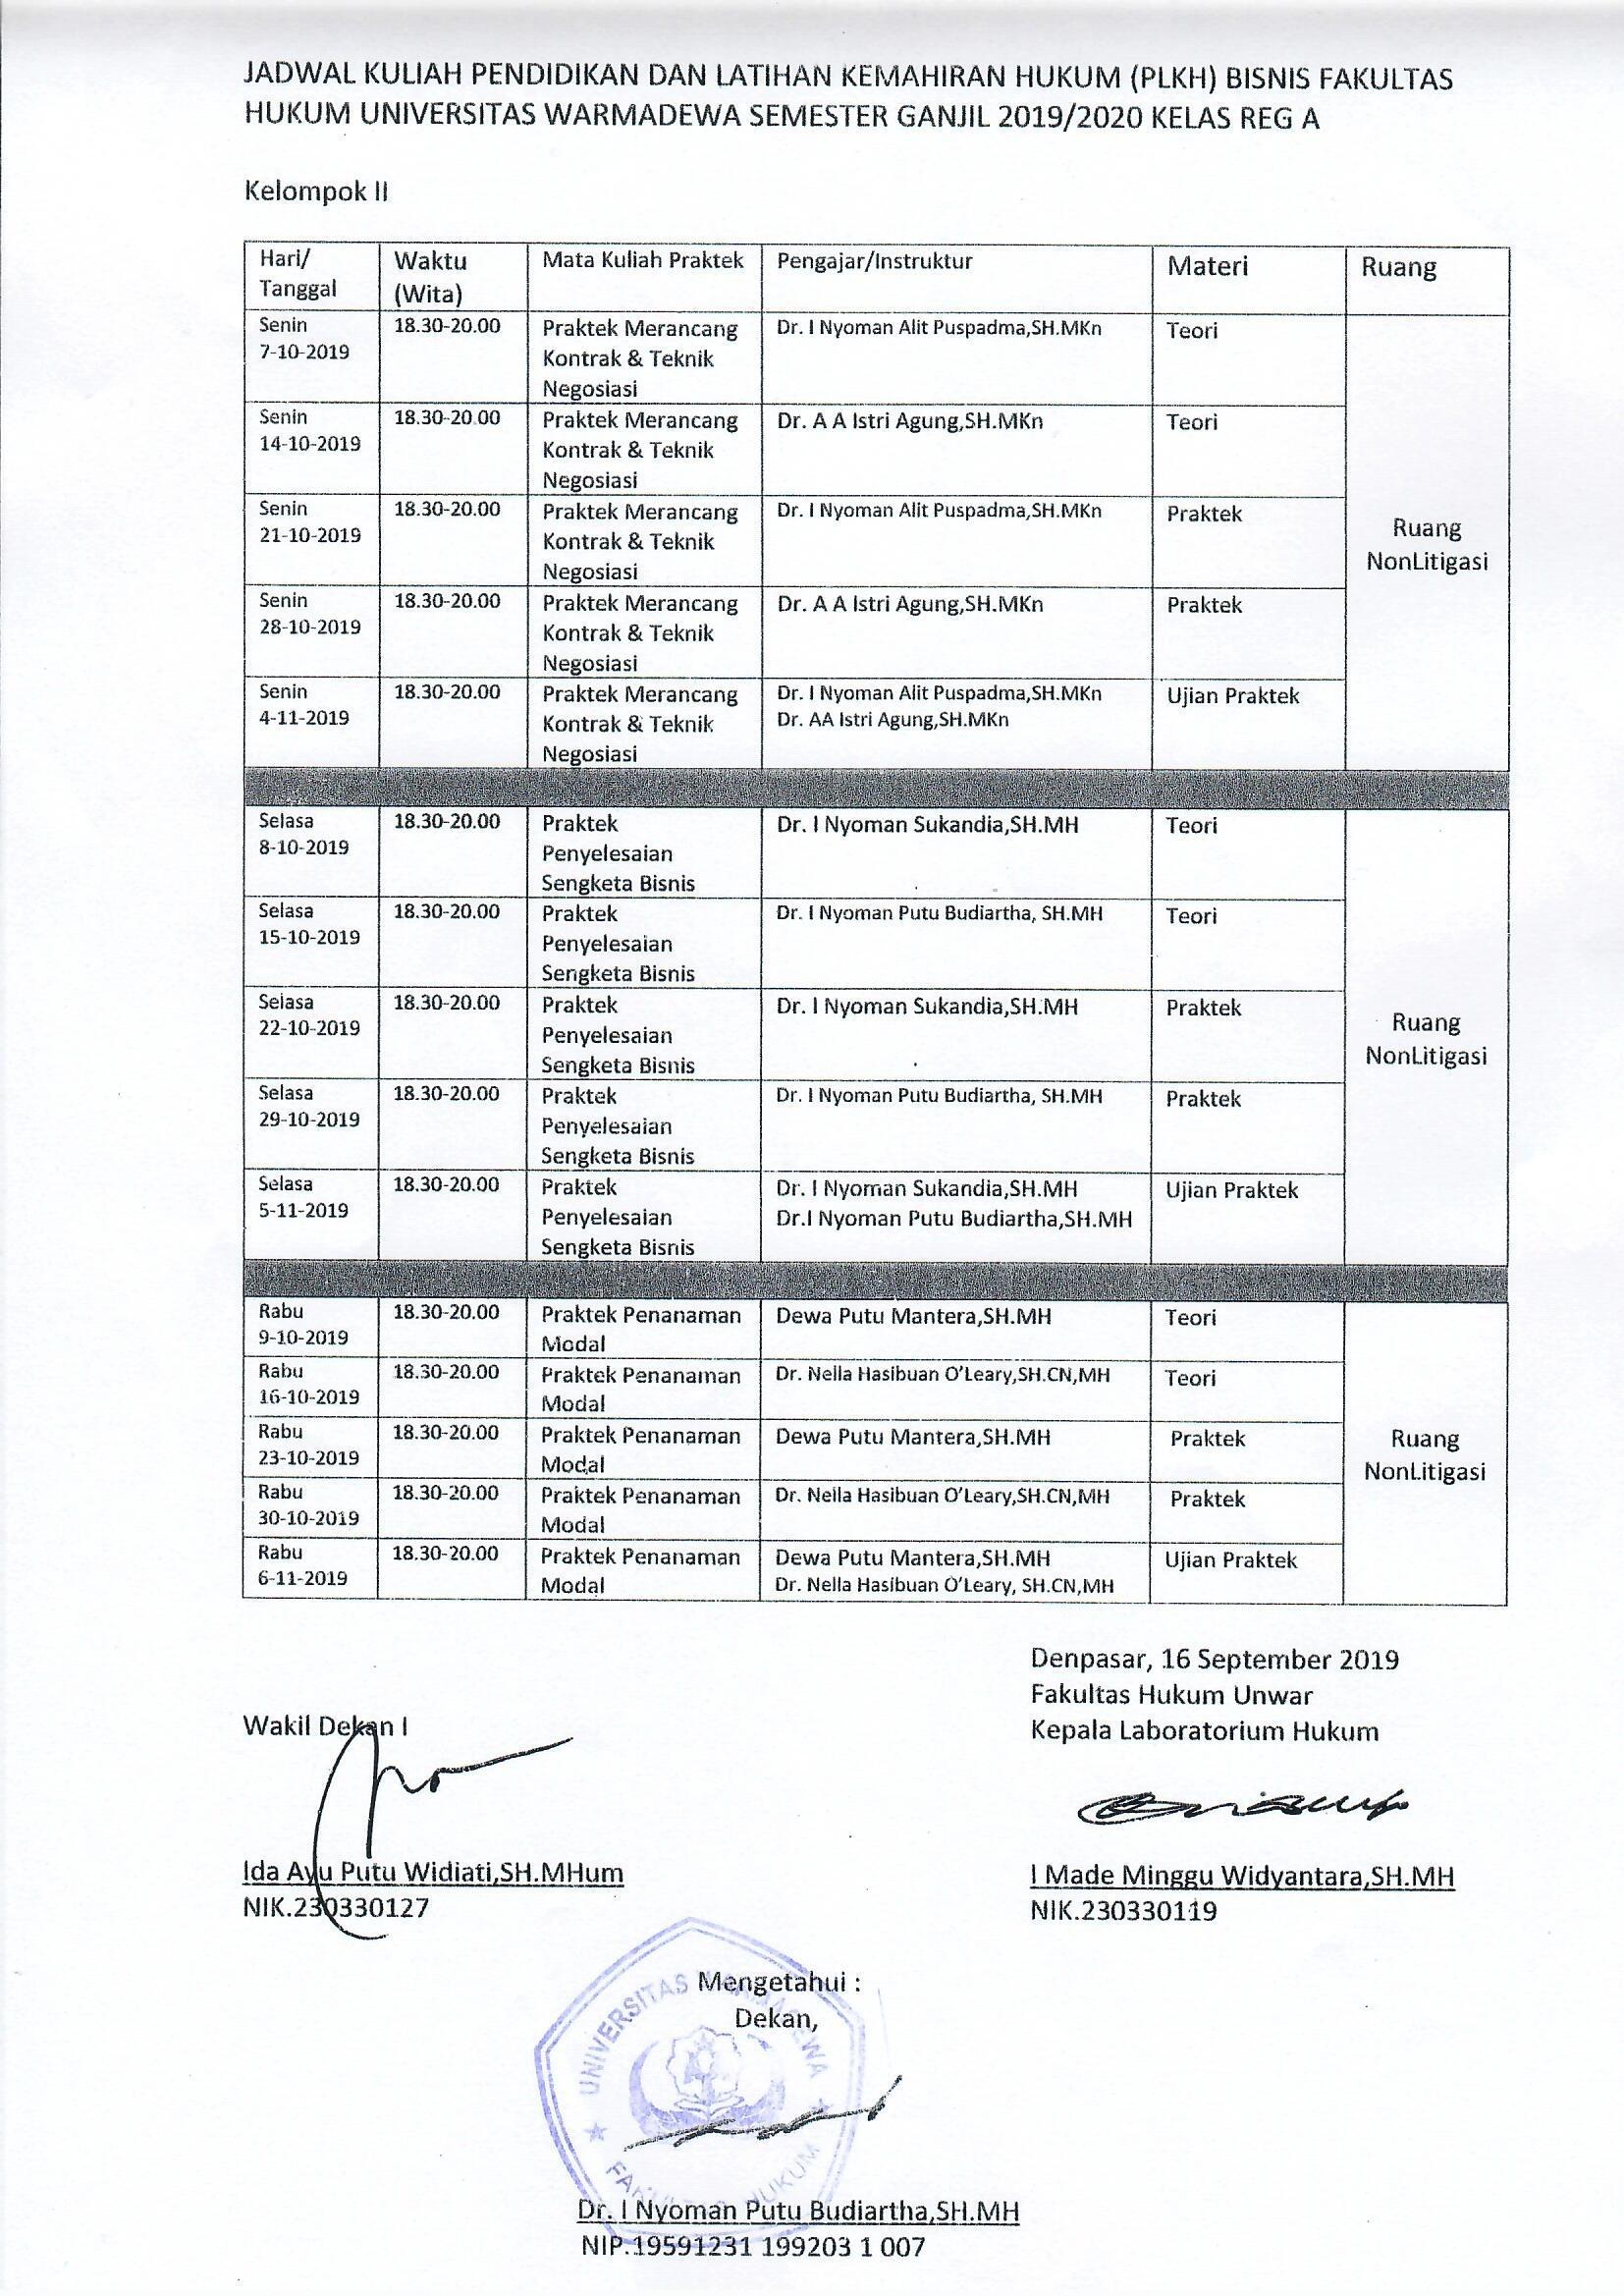 Jadwal Kuliah (PLKH) Bisnis Fakultas Hukum Universitas Warmadewa Kuliah (PLKH) Bisnis Fakultas Hukum Universitas Warmadewa (Kelompok 1)